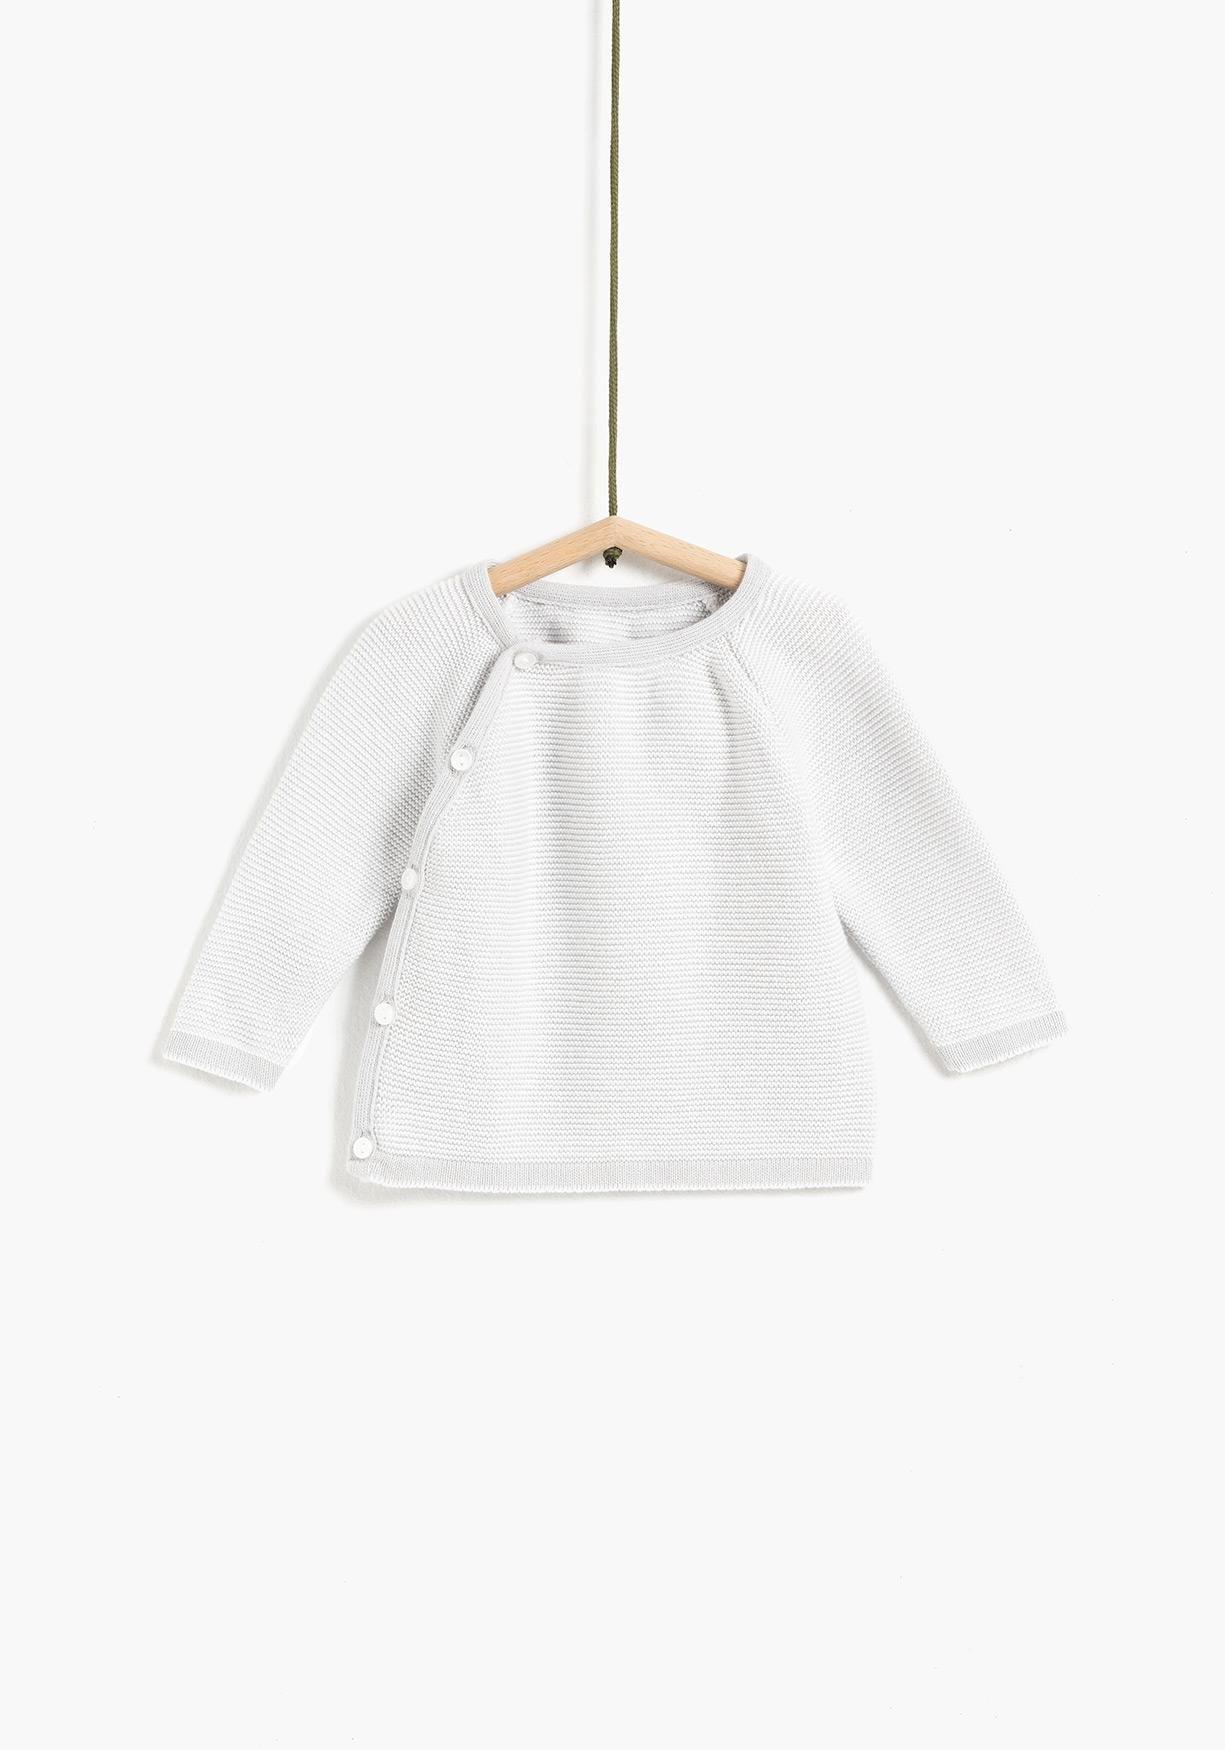 d536e58ab Jersey de recién nacido unisex de algodón sostenible. Cierre delantero con  botones y cuello redondo